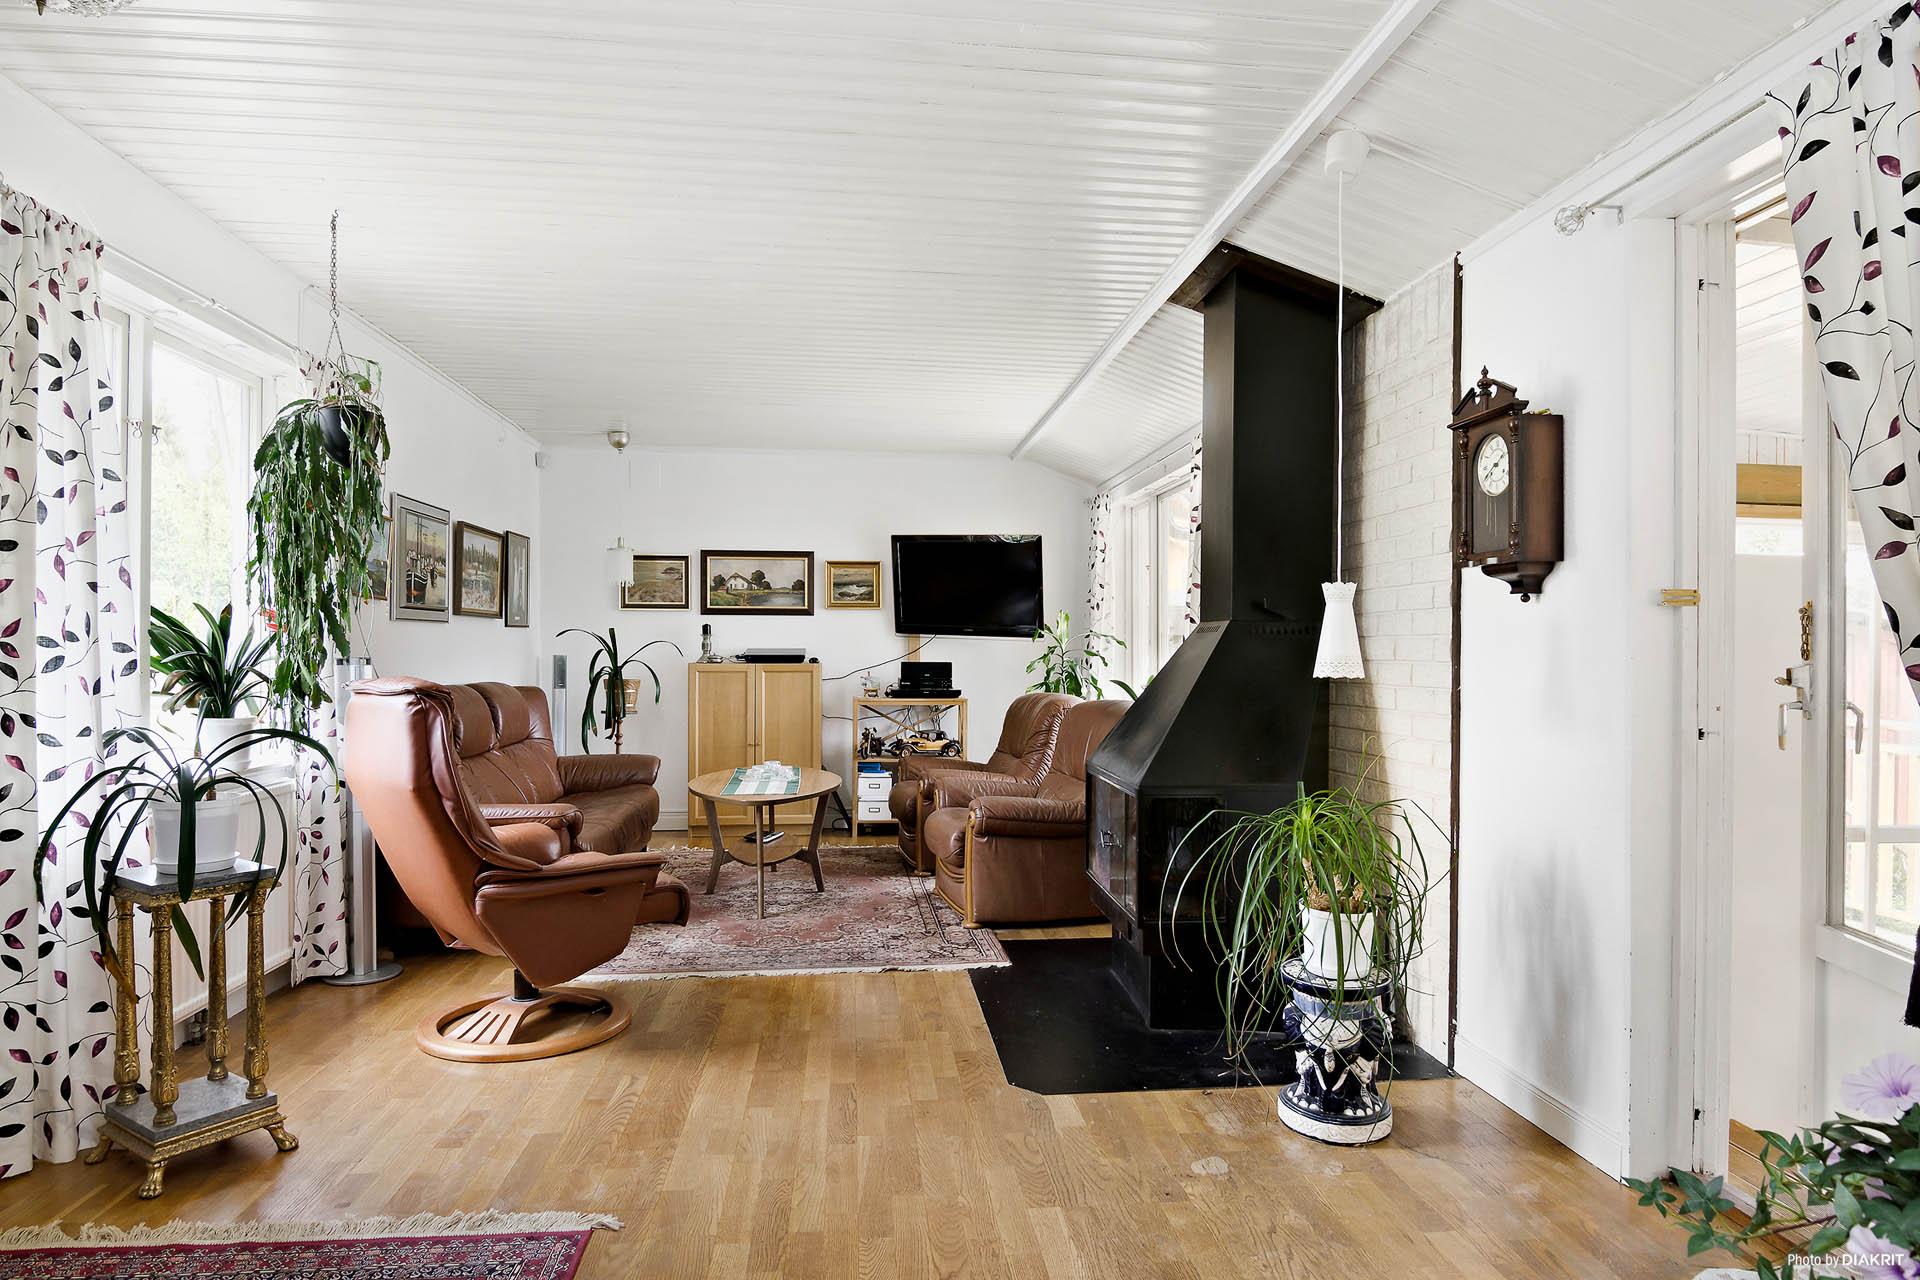 Vardagsrum med utgång till det inglasade uterummet